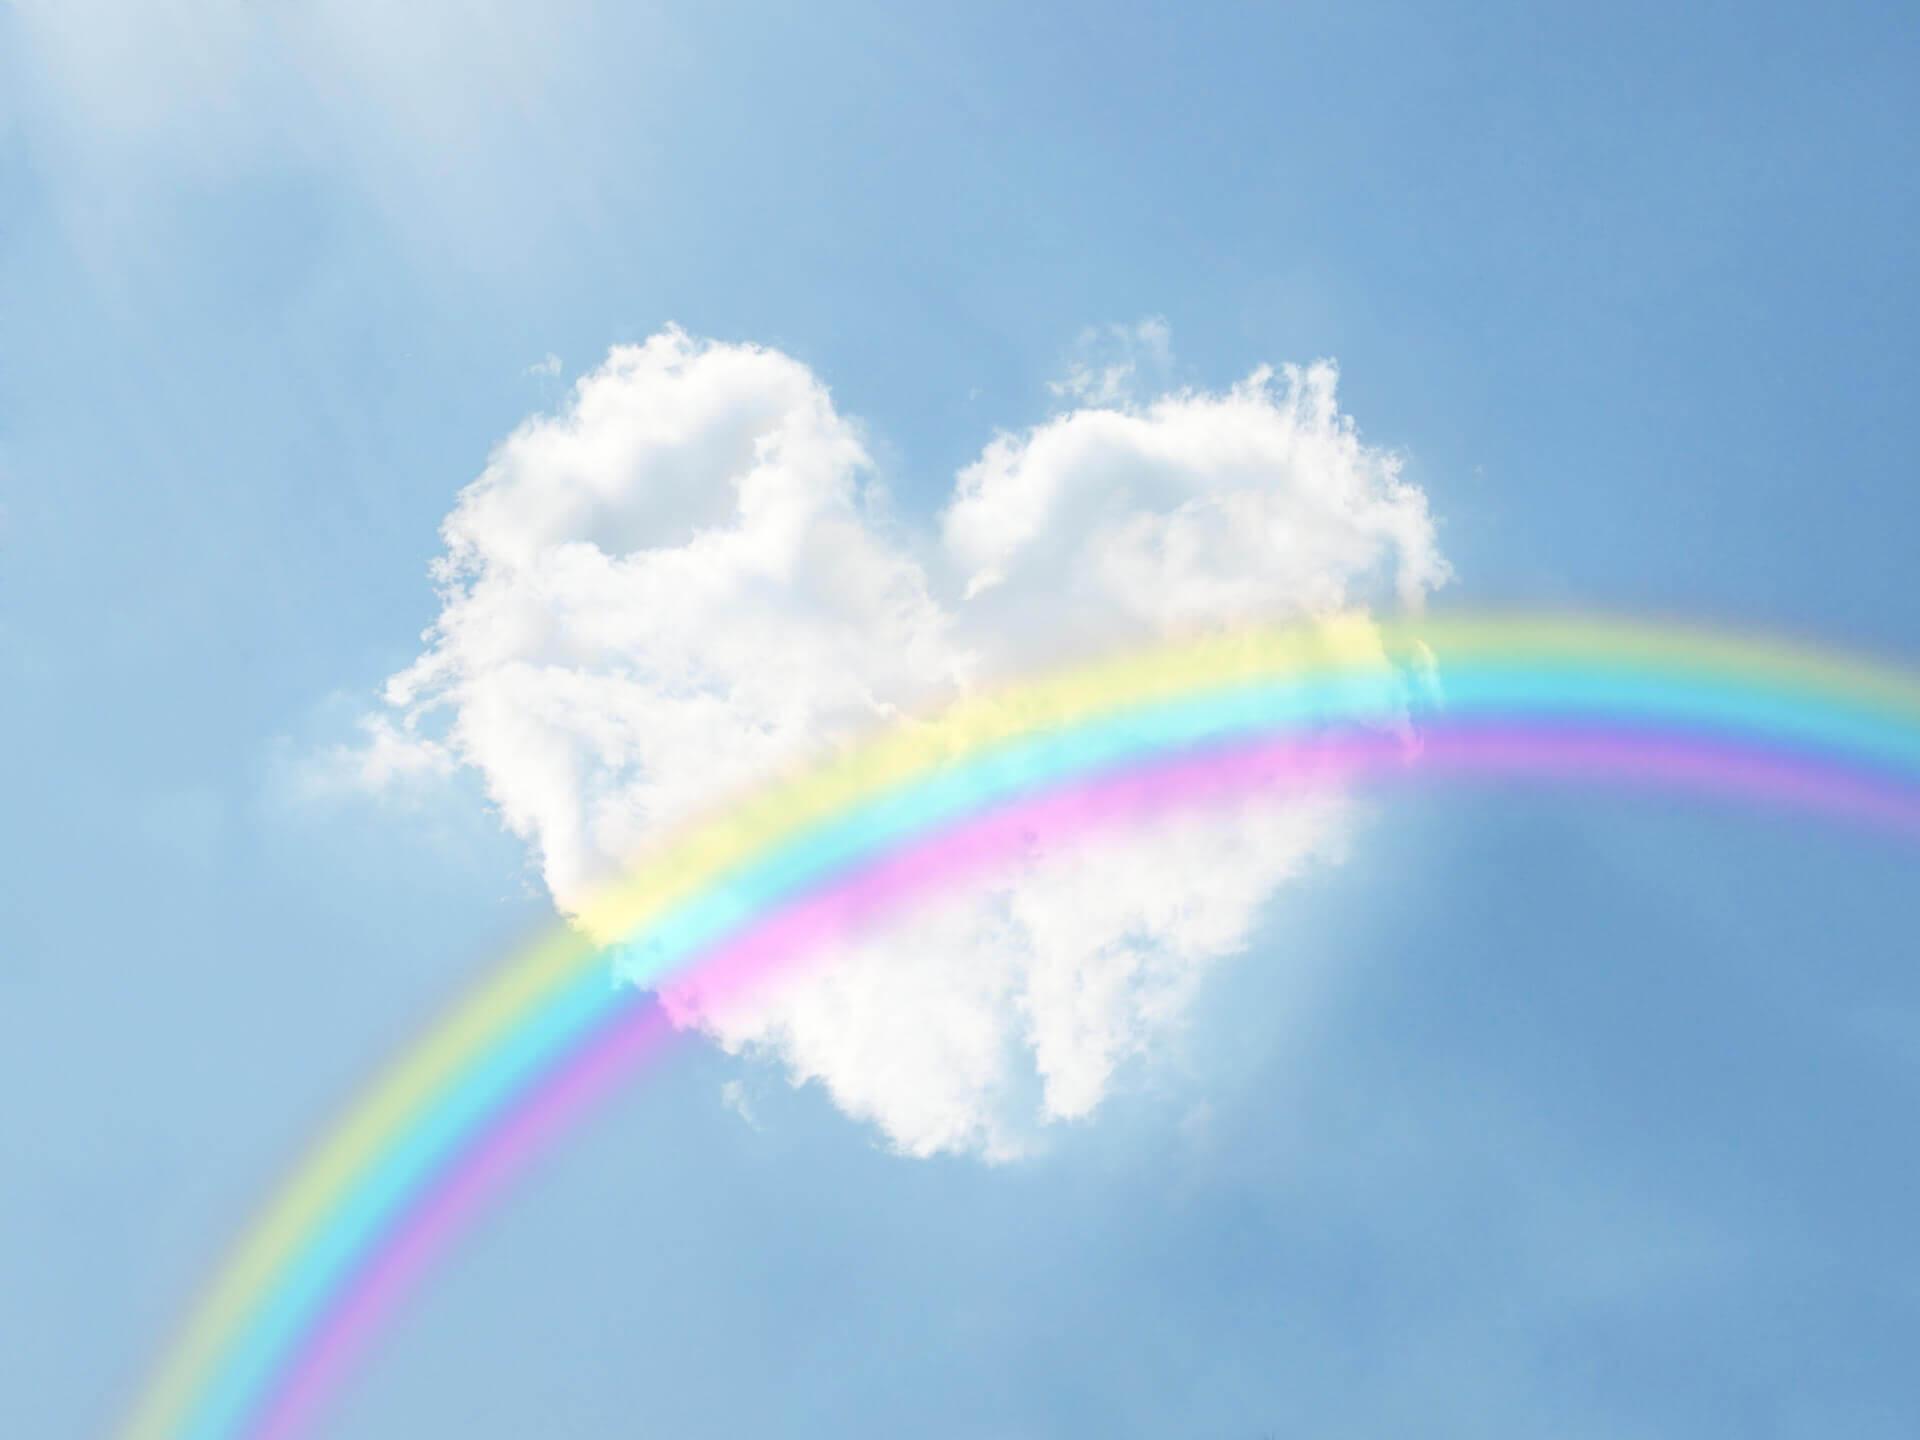 ハートの雲にかかる虹